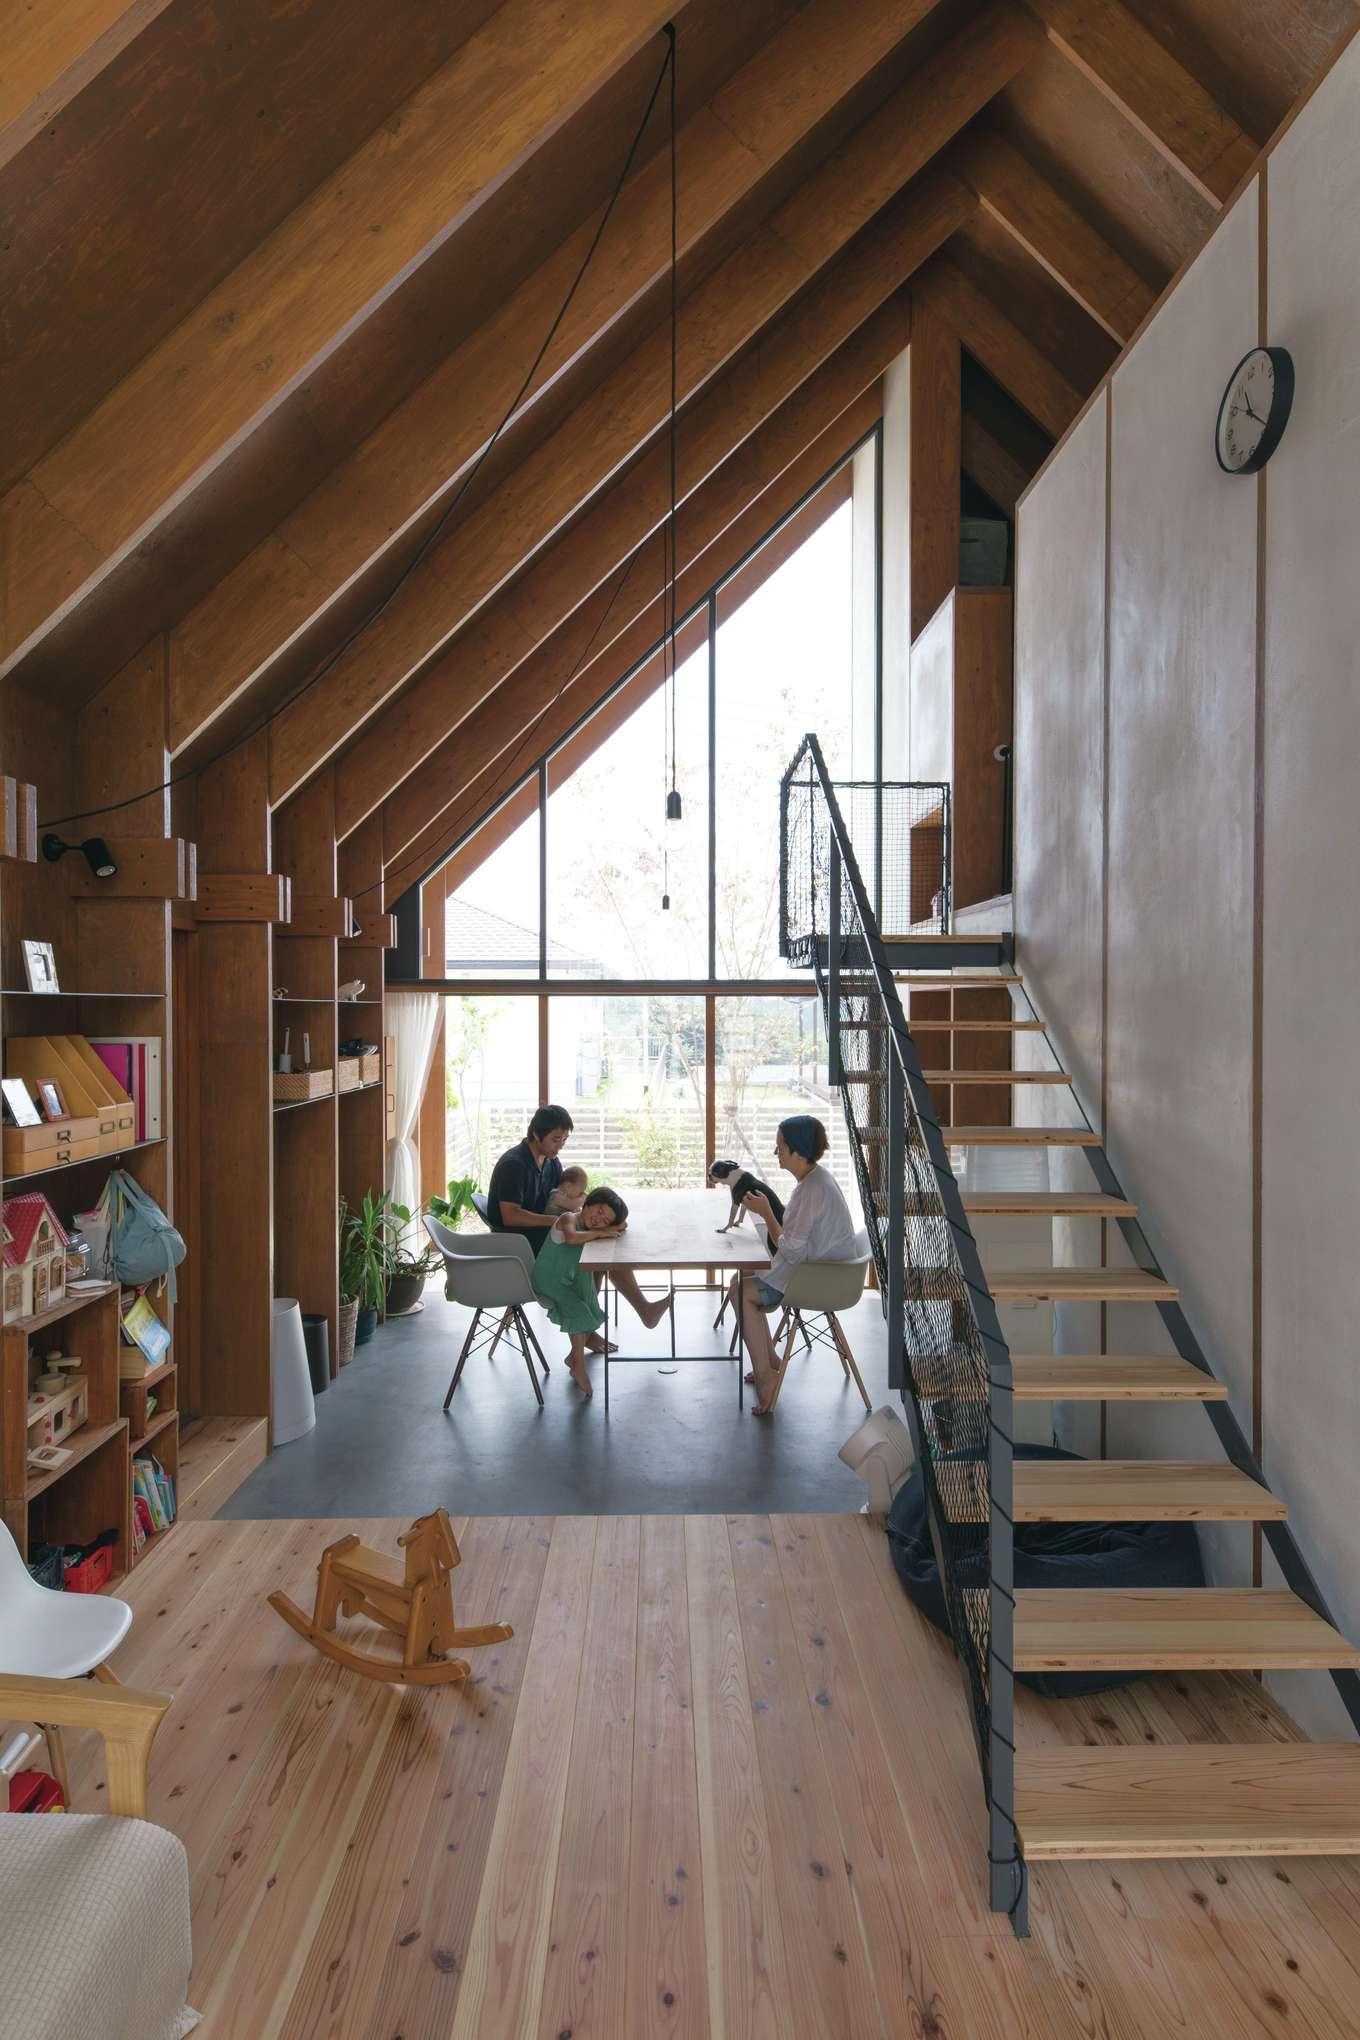 建杜 KENT(大栄工業)【デザイン住宅、自然素材、建築家】アウトドア好きのMさん一家。外との繋がりを感じながら暮らせるようにと、ダイニングからそのまま庭へと続く開放的な空間を創り出した。モルタルの土間には床暖房を設置し、冬でも暖かに保つ。構造体のパネルを活用することで、壁面はすべてオープンシェルフとして使える